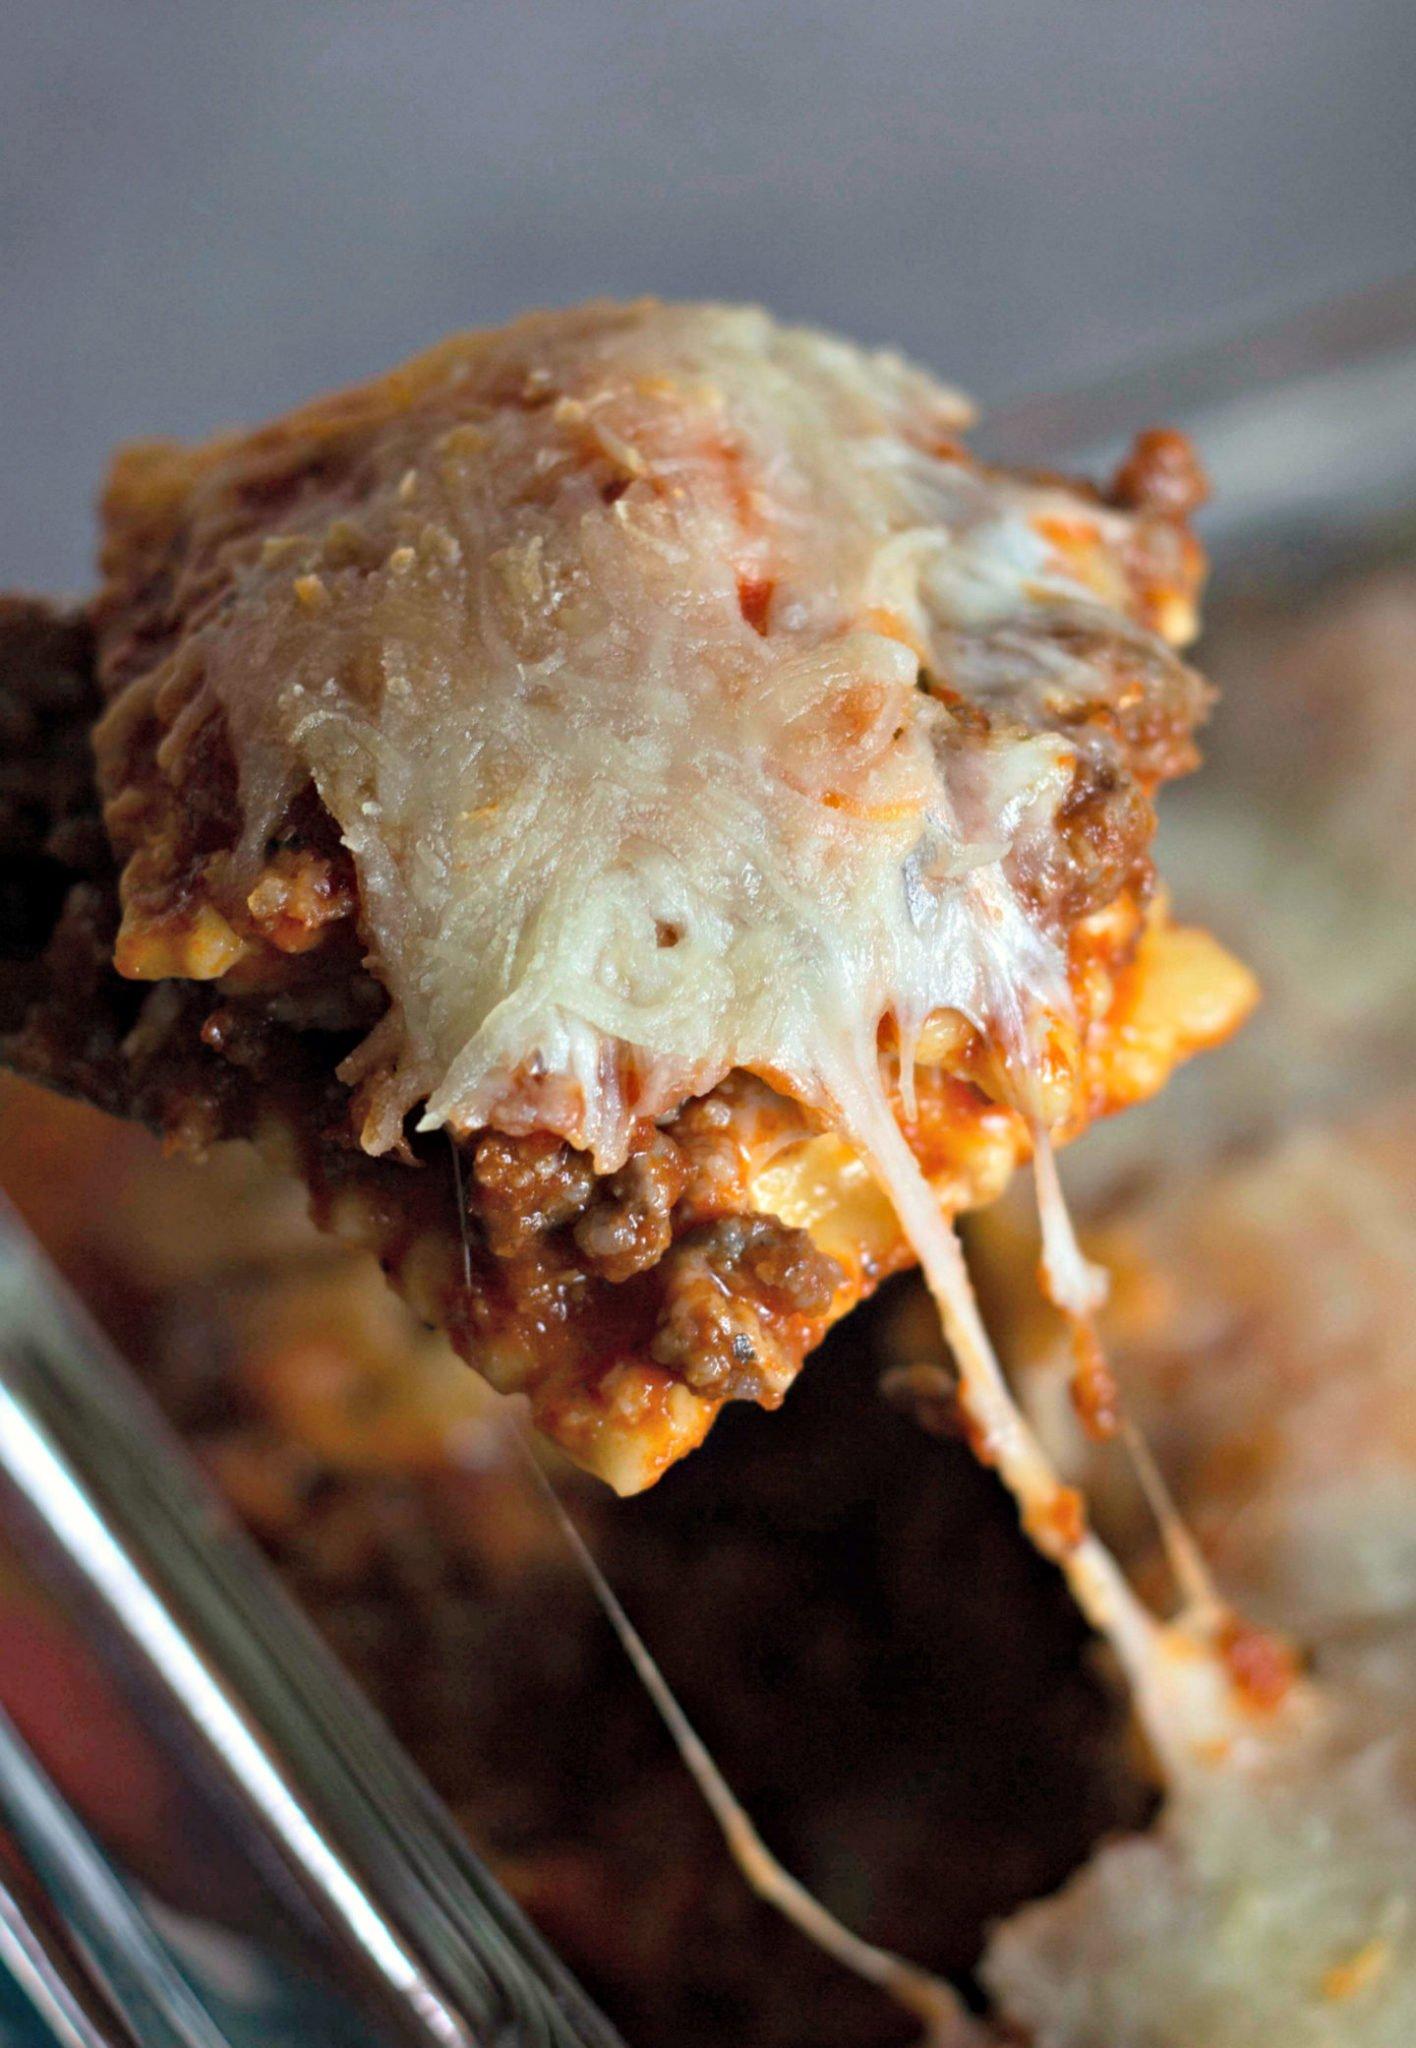 ravioli lasagna on a fork